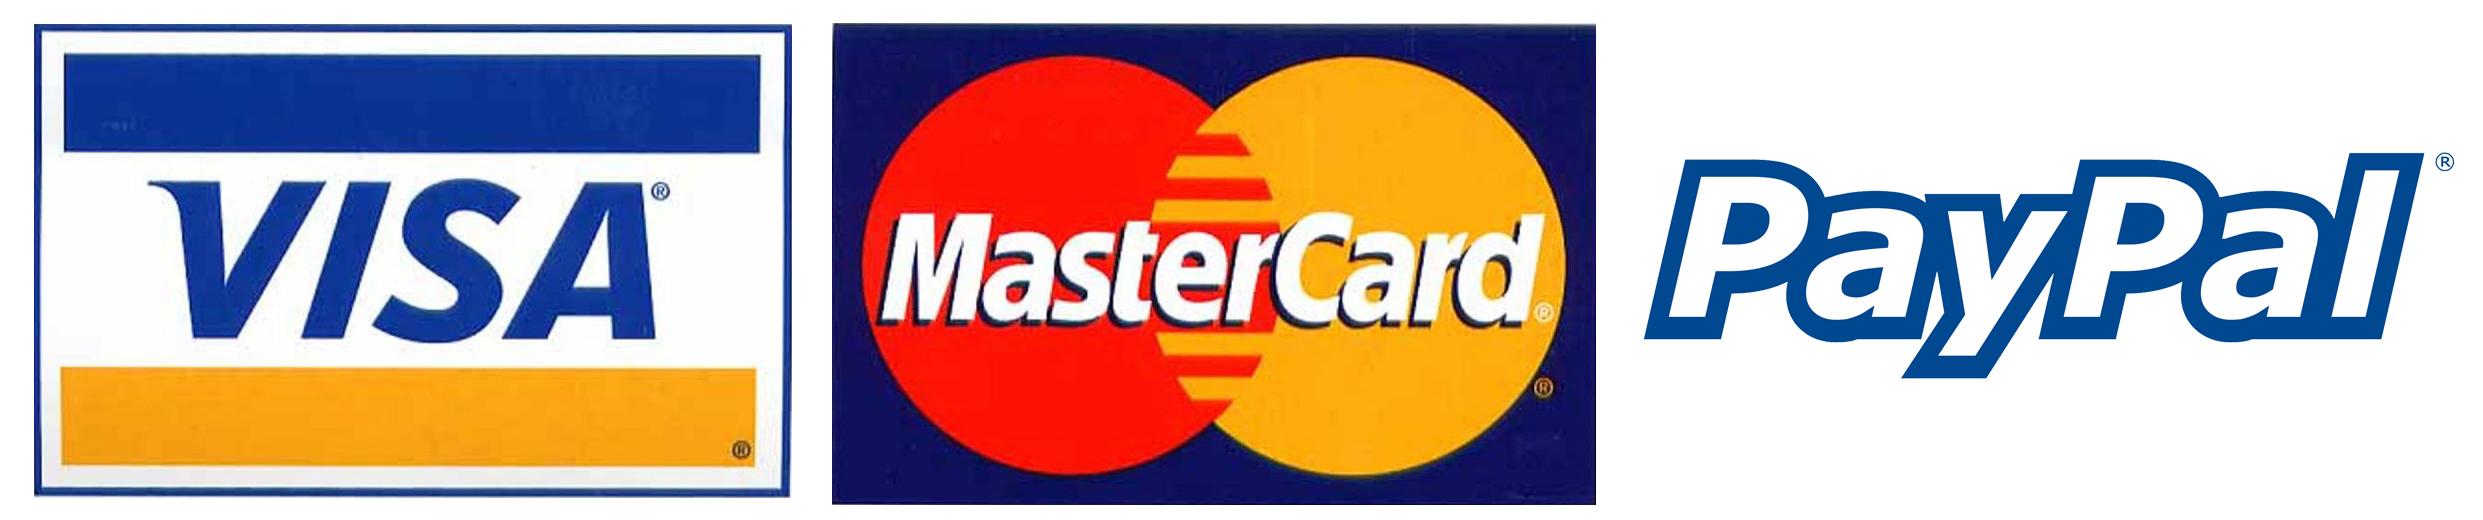 Visa, Mastercard, and PayPal logos